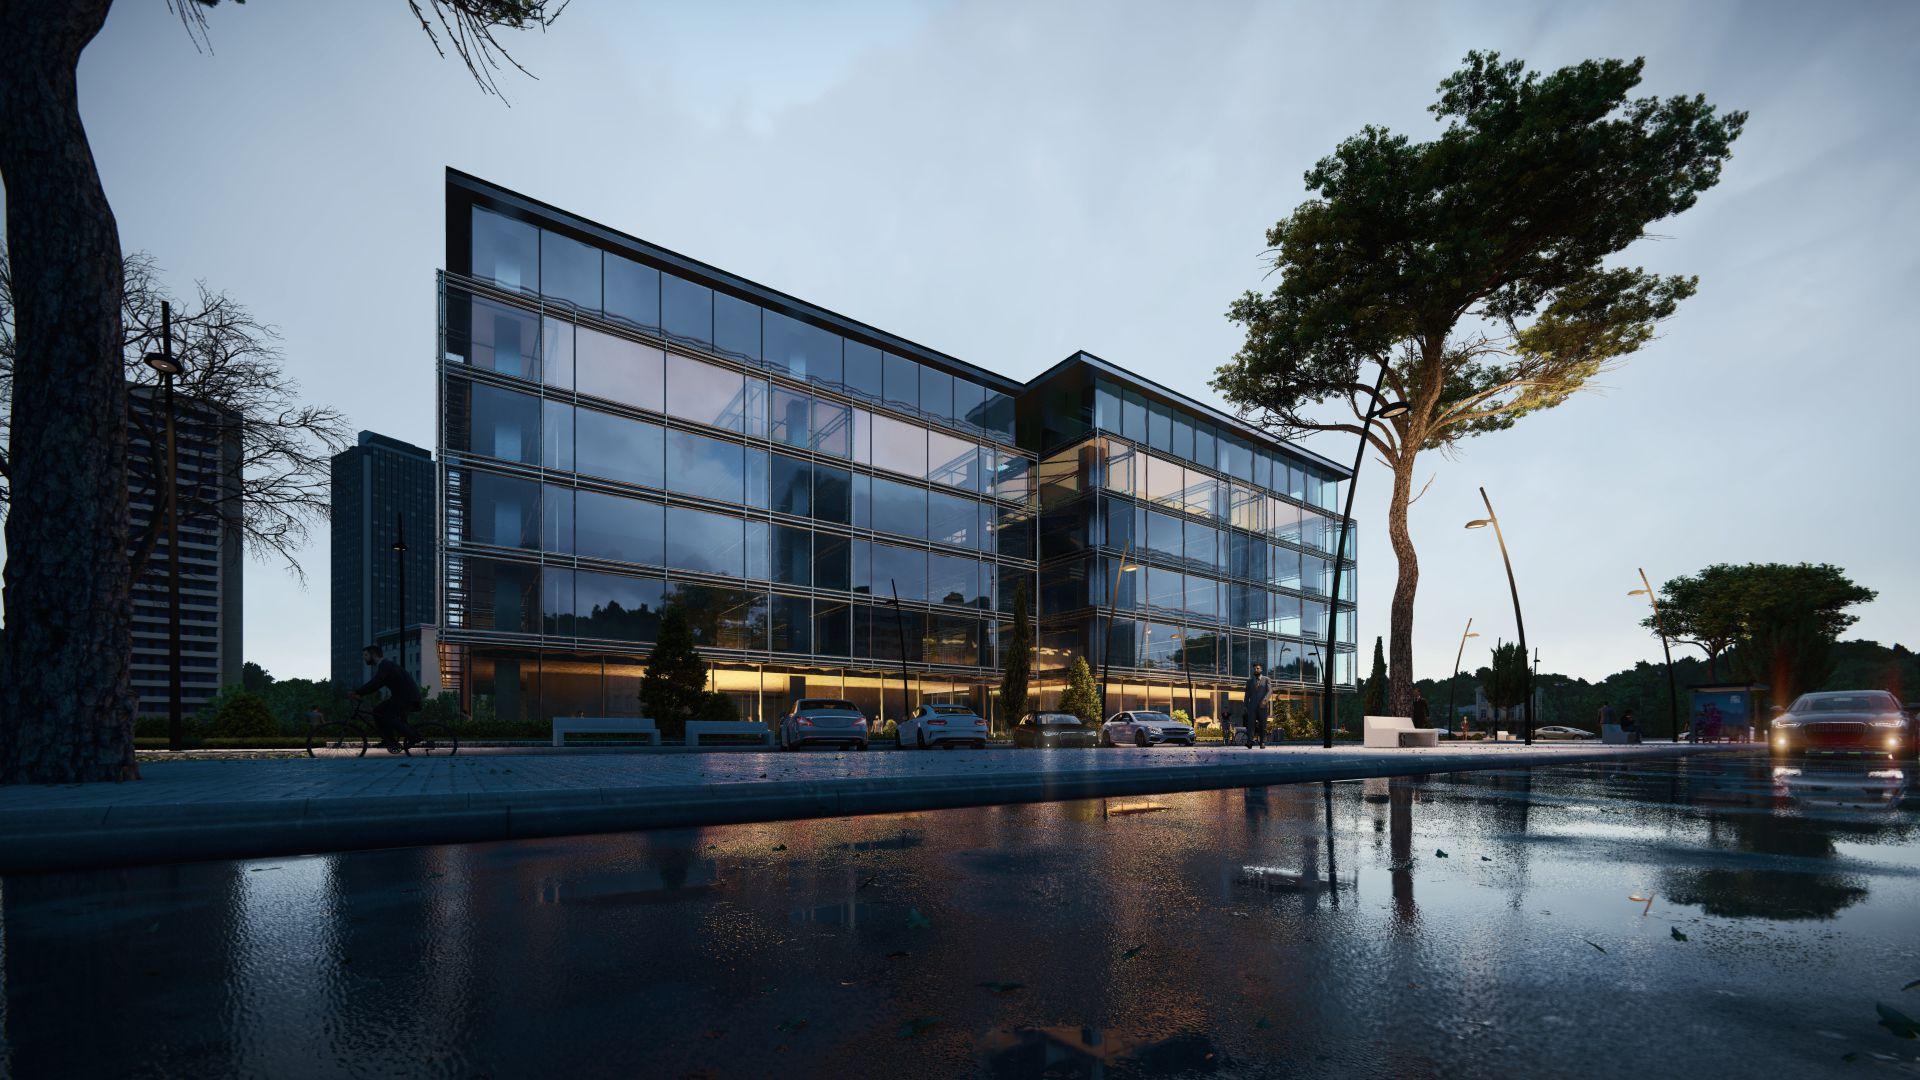 arhitektuurne 3d pilt hoone visualiseerimine 101